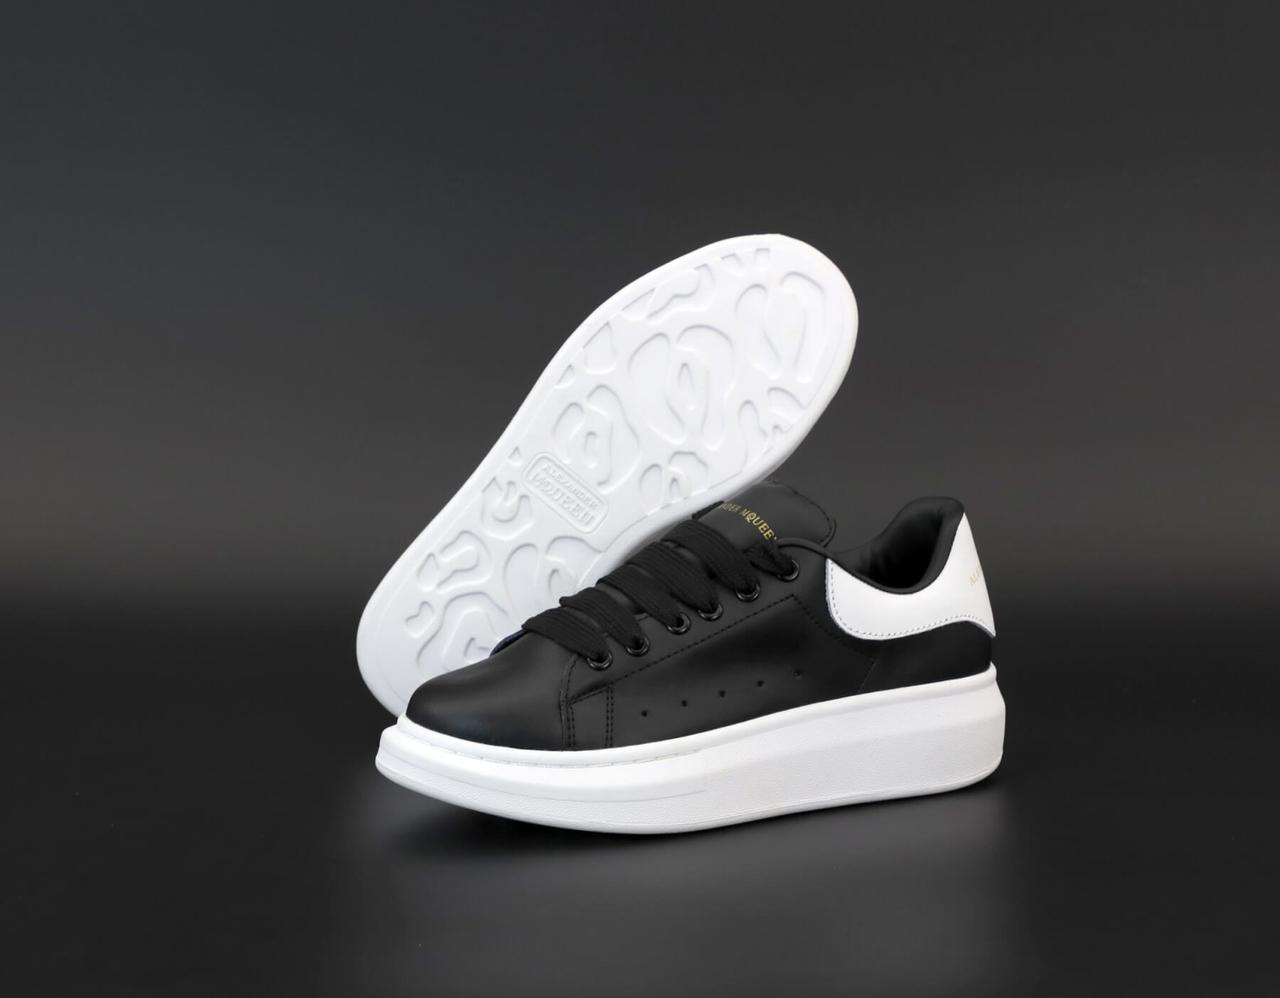 Черные женские кроссовки Alexander McQueen Black White (Женские кроссовки Александер Маквин черно-белые)